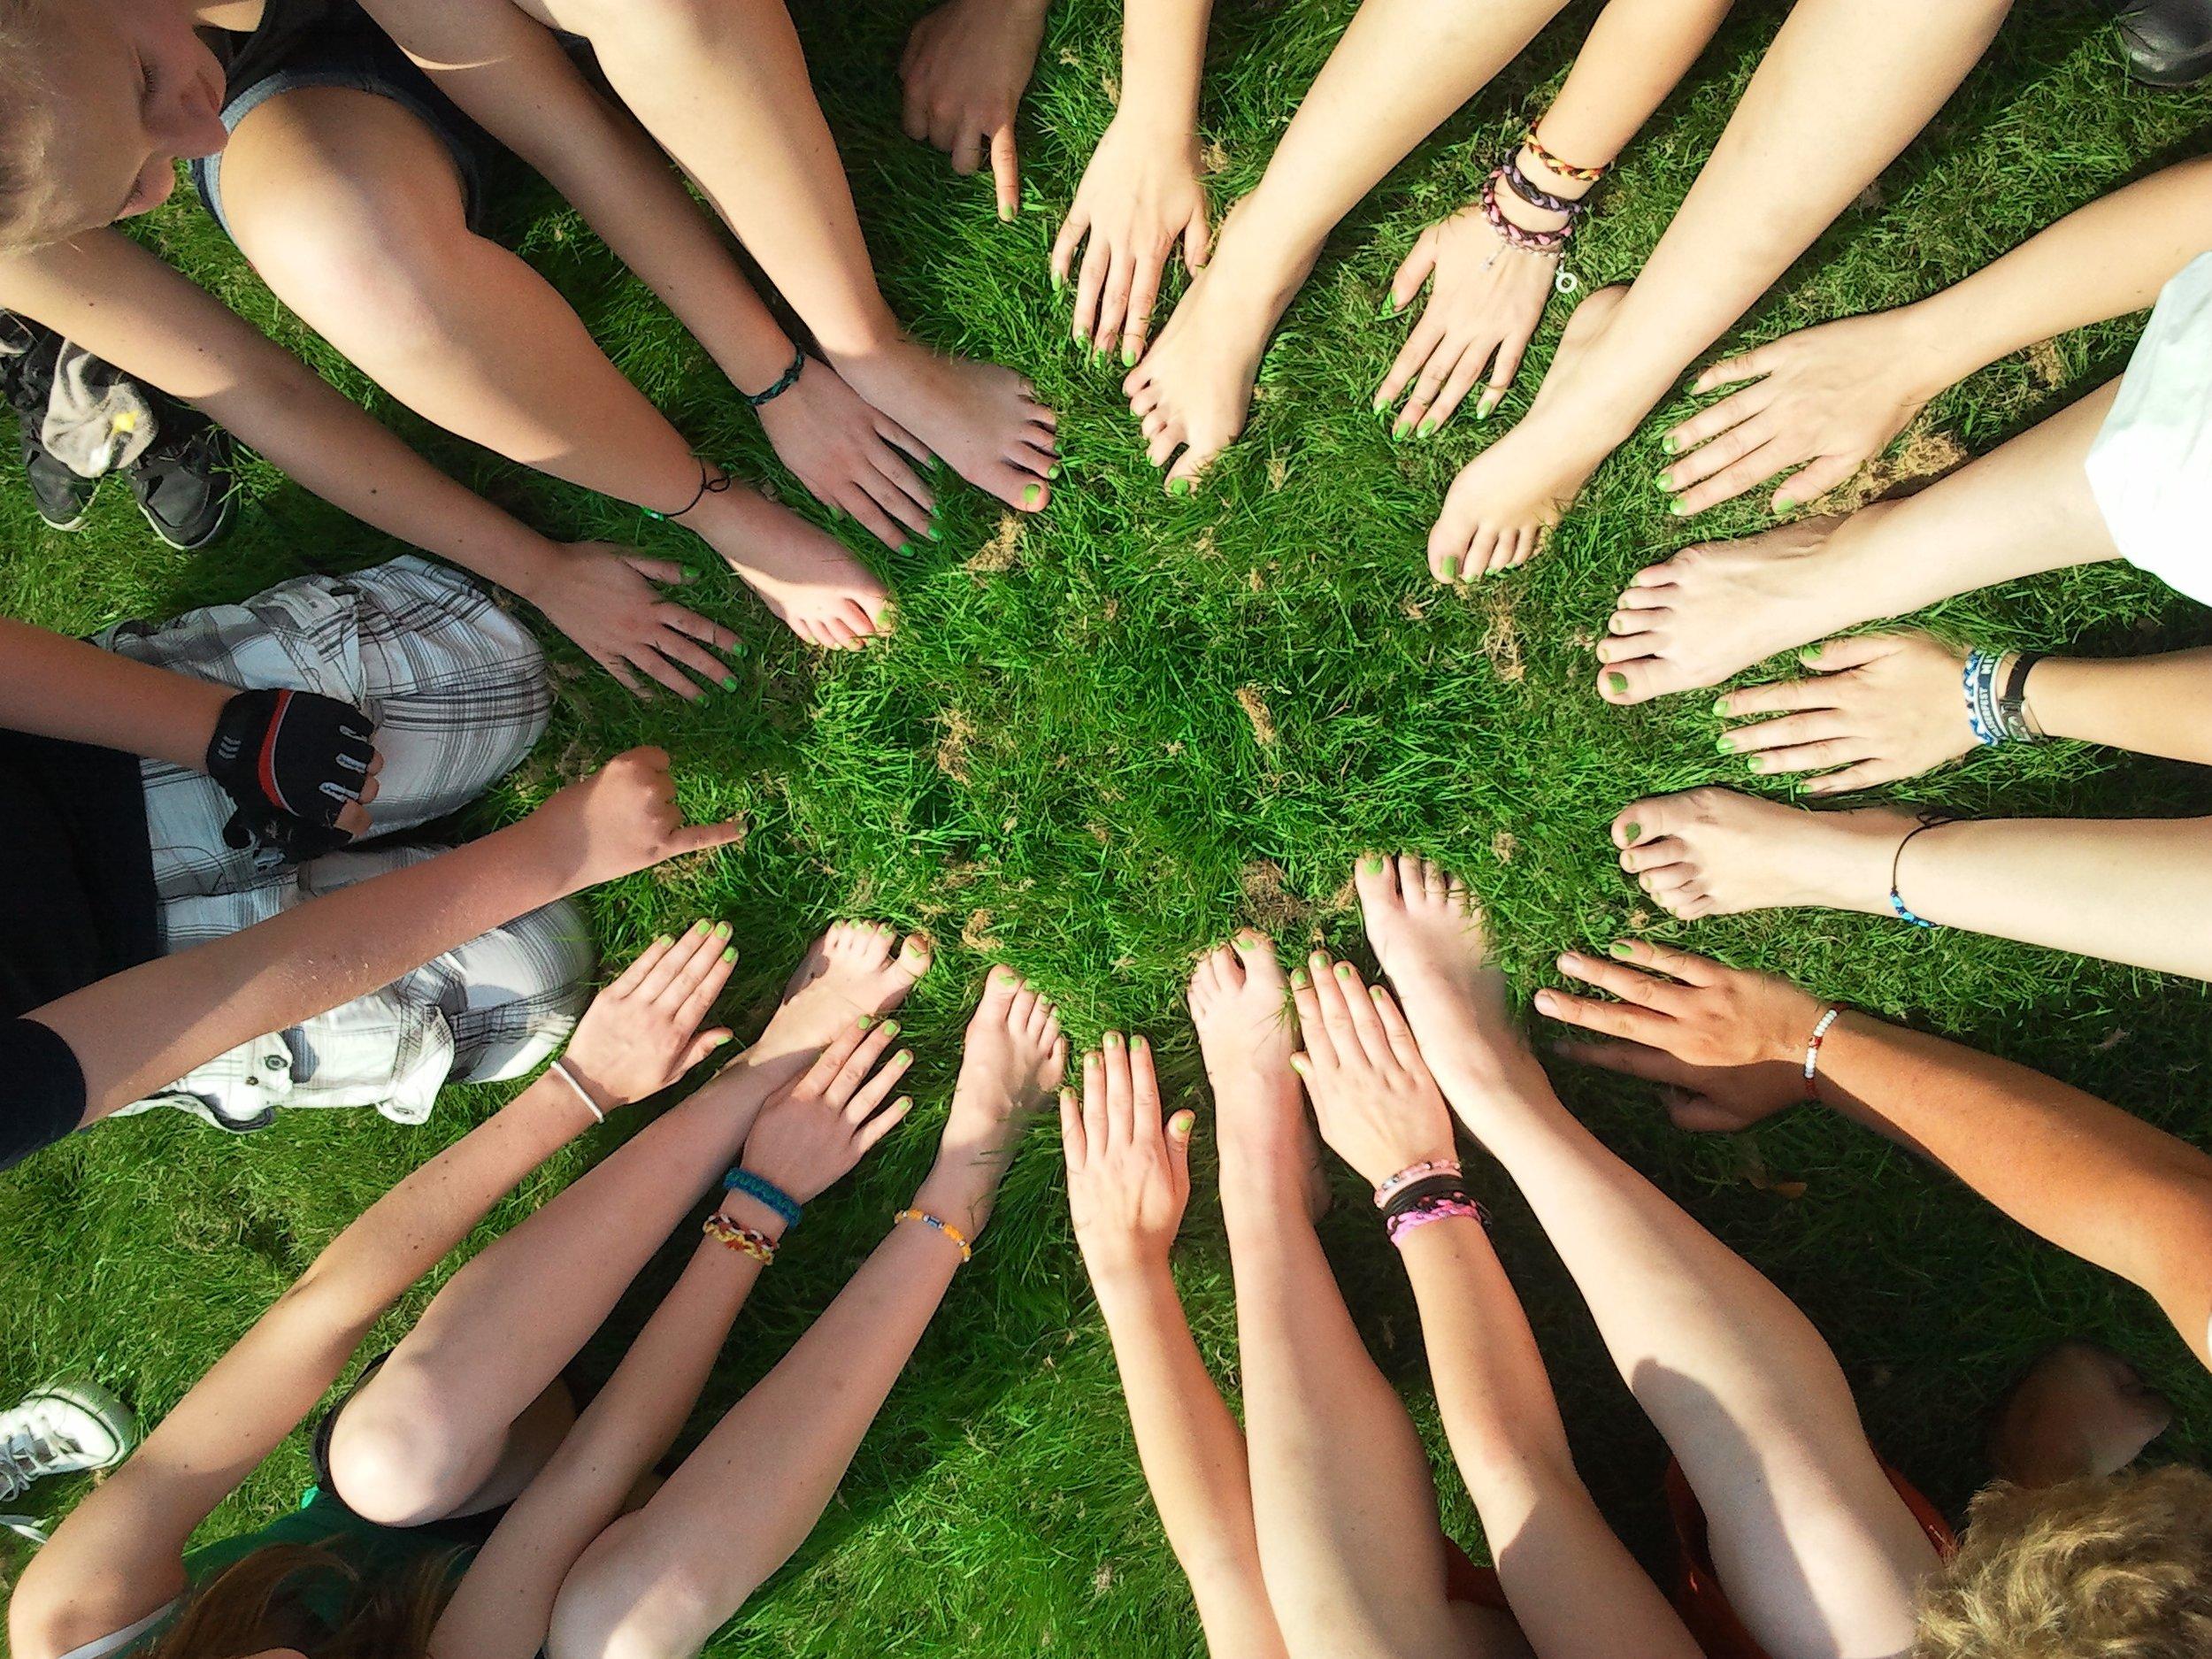 team-motivation-teamwork-together-53958[1].jpeg